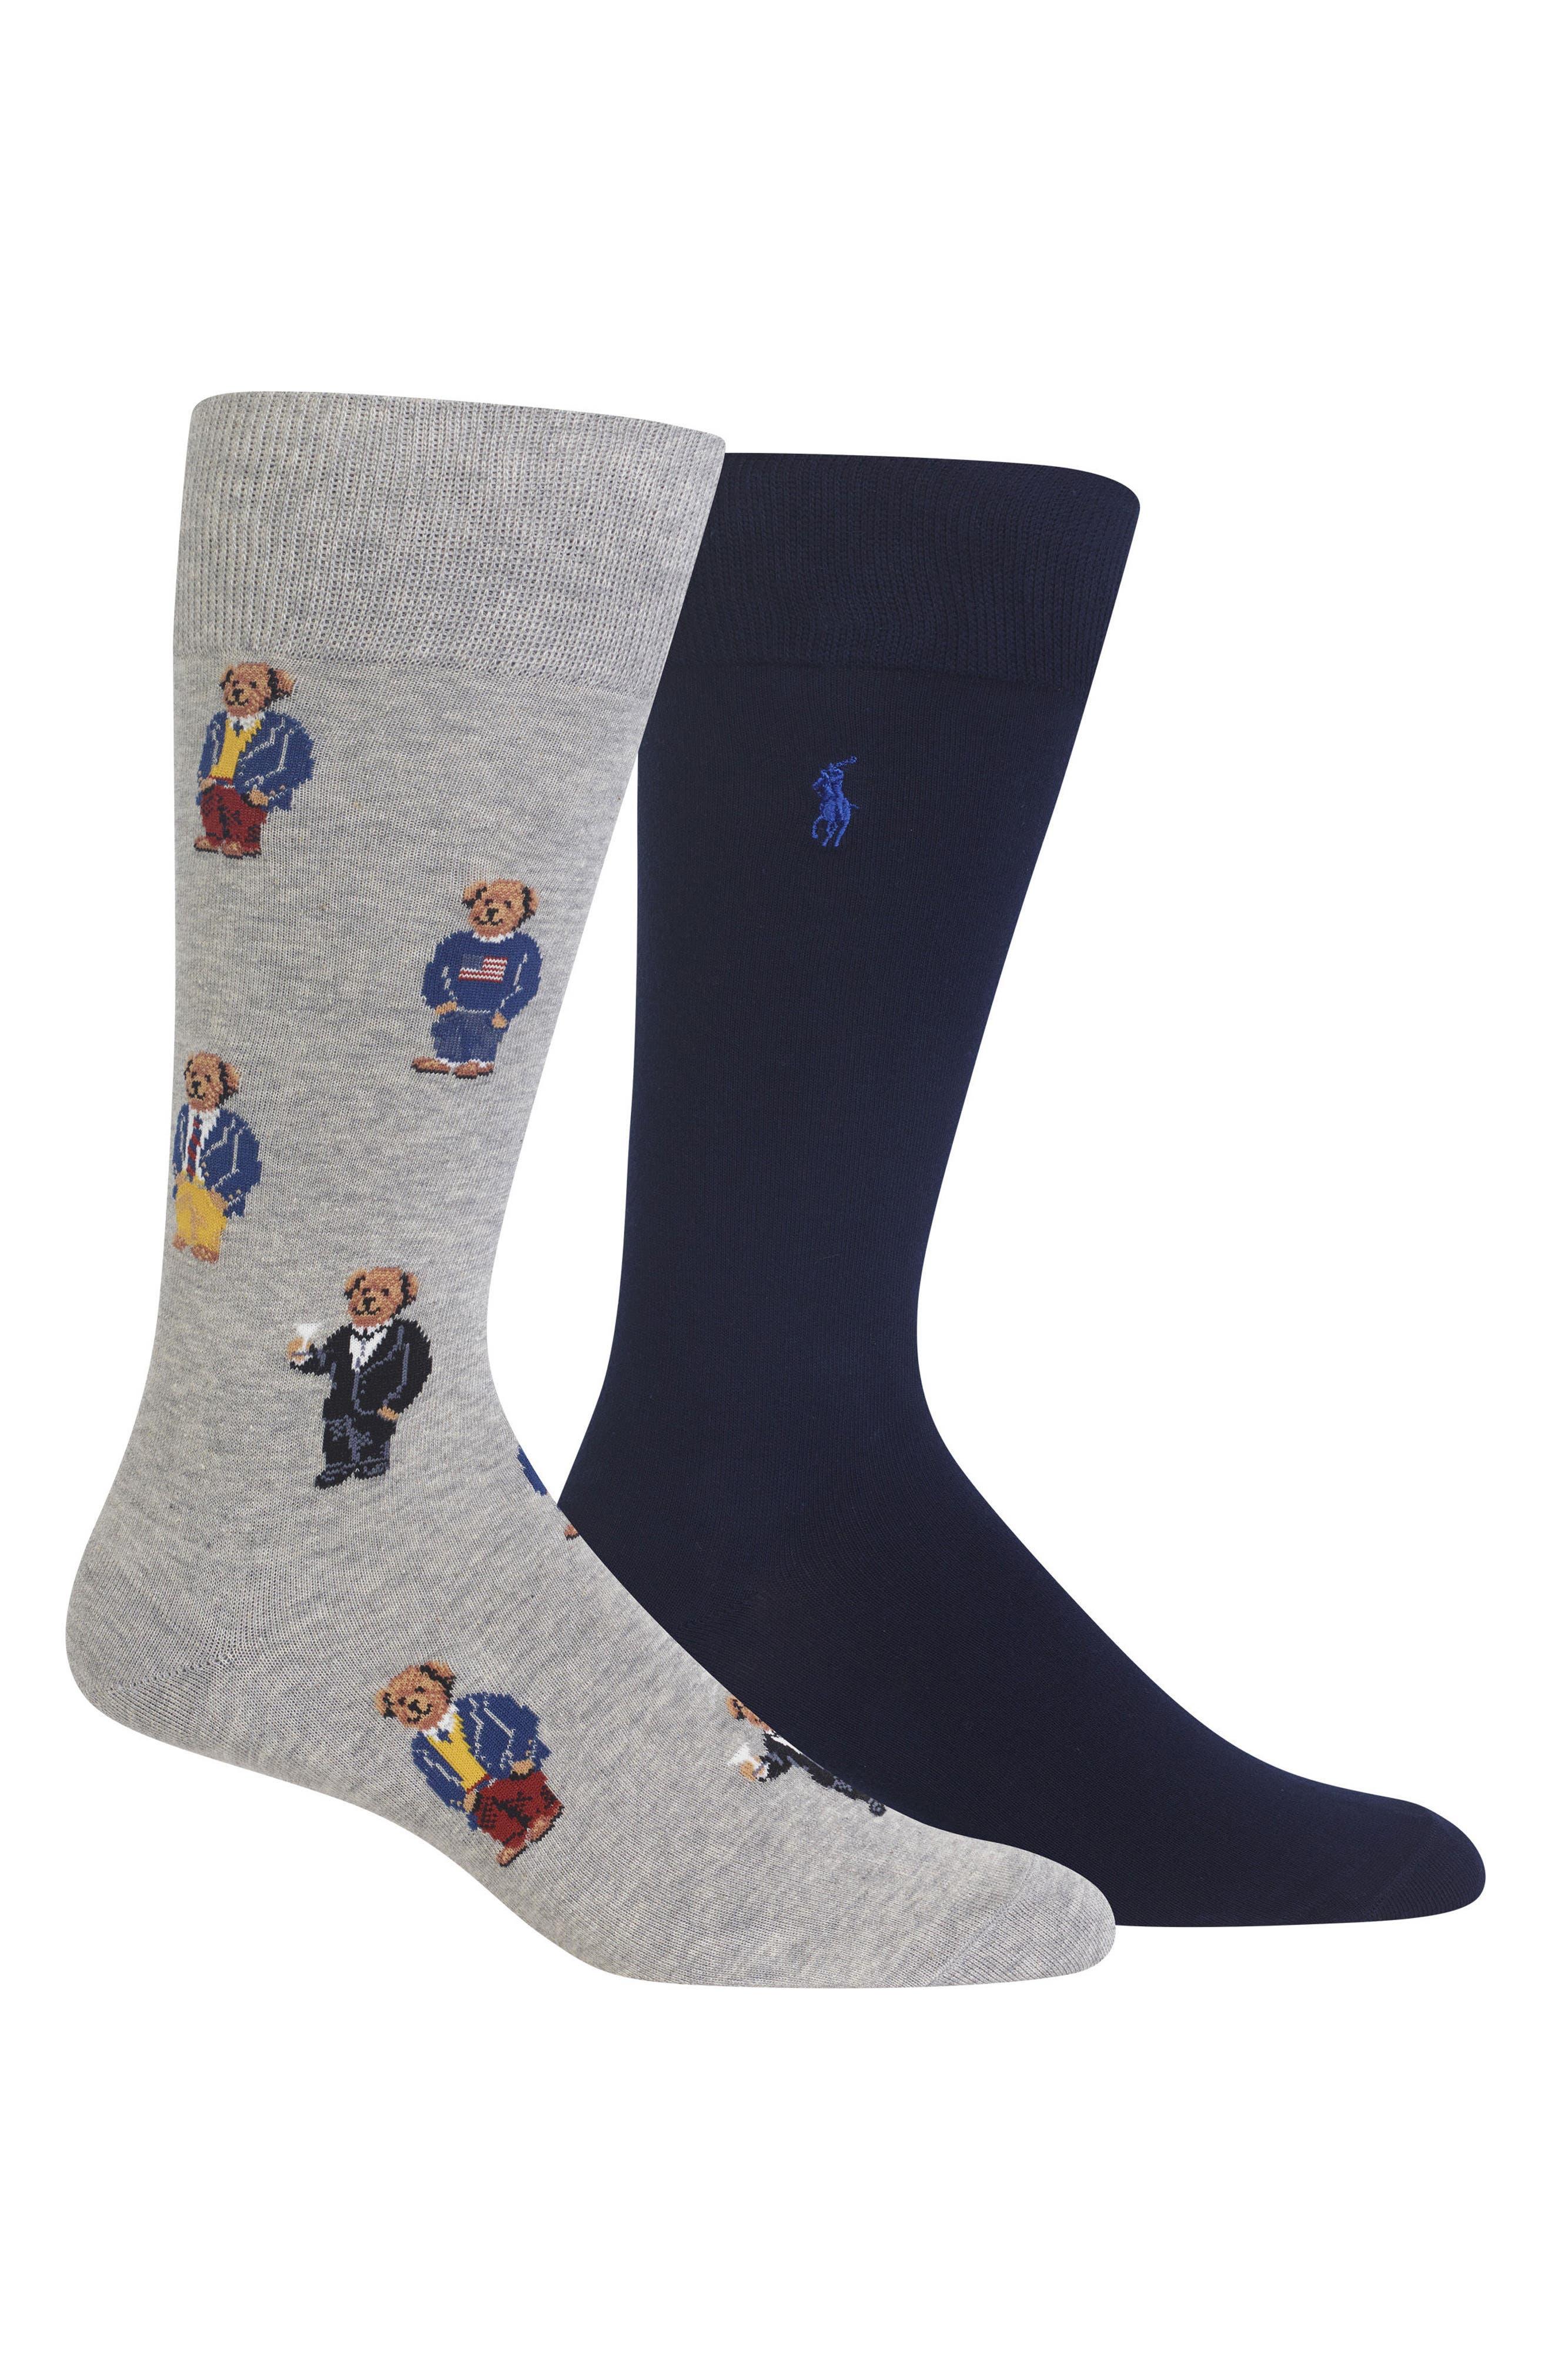 2-Pack Socks,                             Main thumbnail 1, color,                             Grey/ Navy